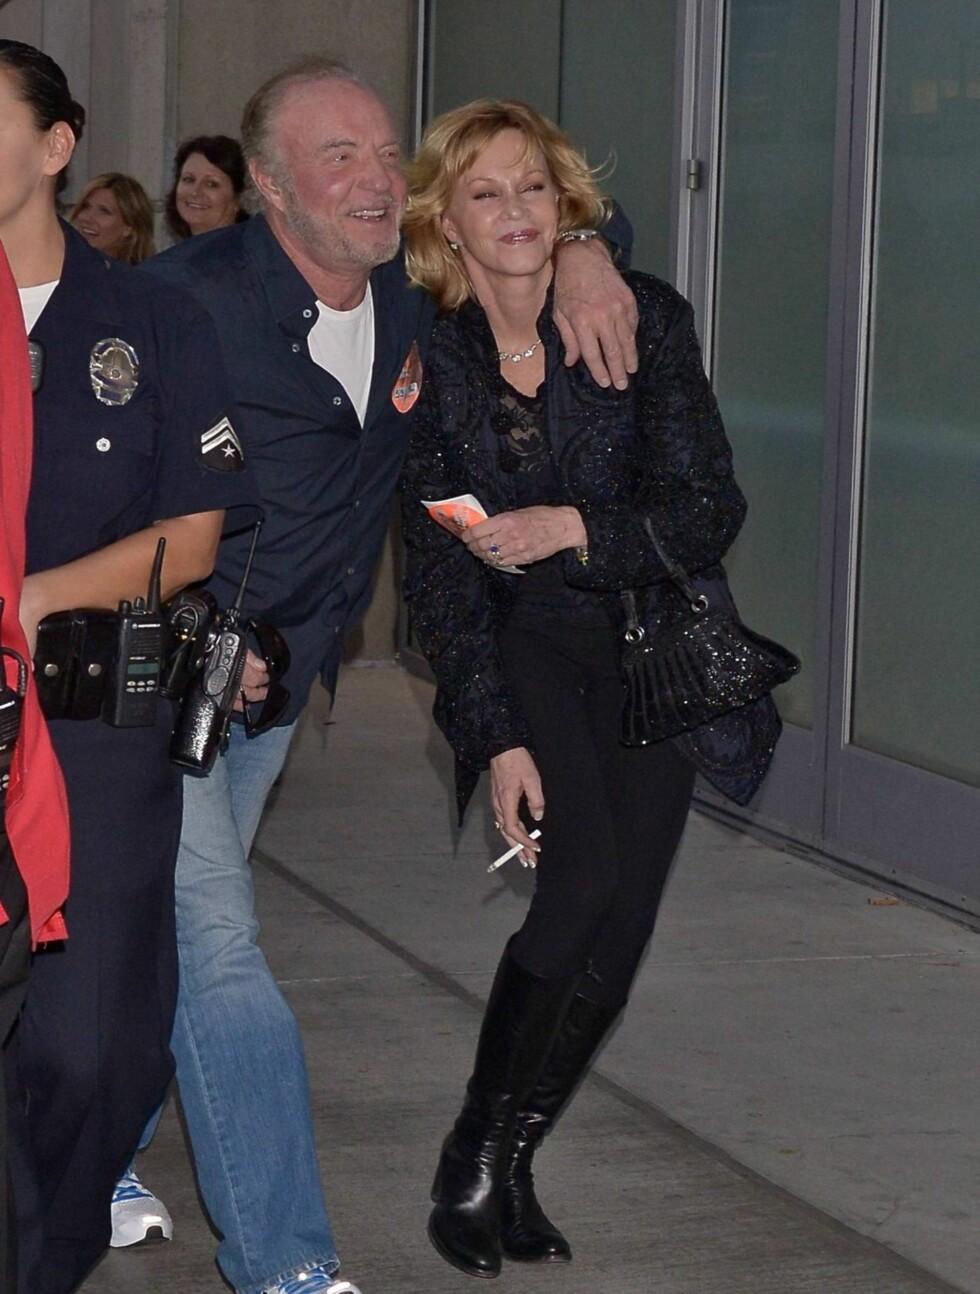 GJENSYNSGLEDE: Melanie Griffith og James Caan er gode venner, og da de to møttes utenfor konsertinngangen var gjensynsgleden stor.  Foto: All Over Press